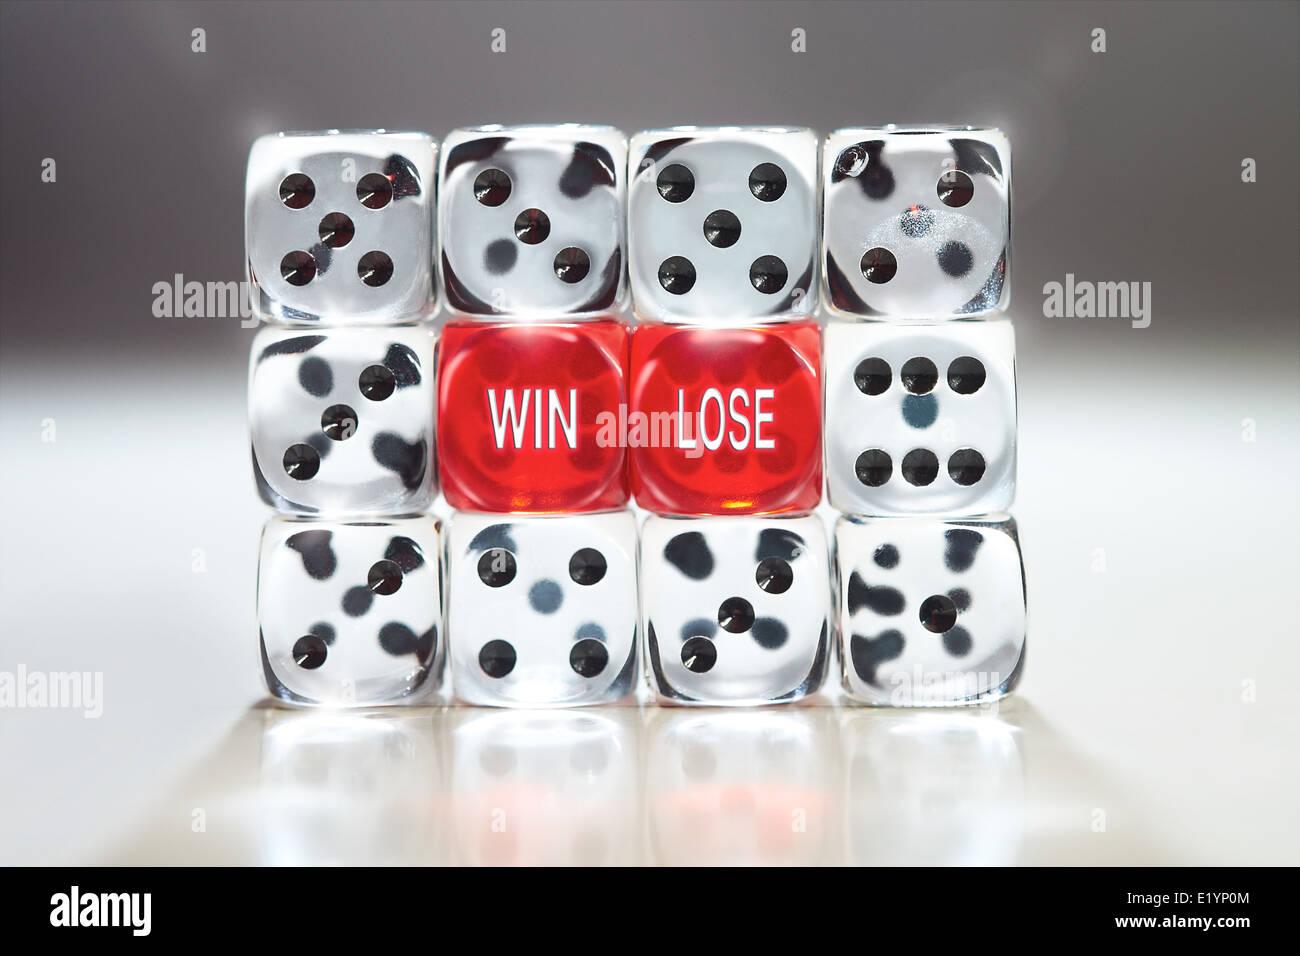 Vincere perdere il concetto con due dadi rossi supportato in una parete di cancellare le piastrine. Immagini Stock